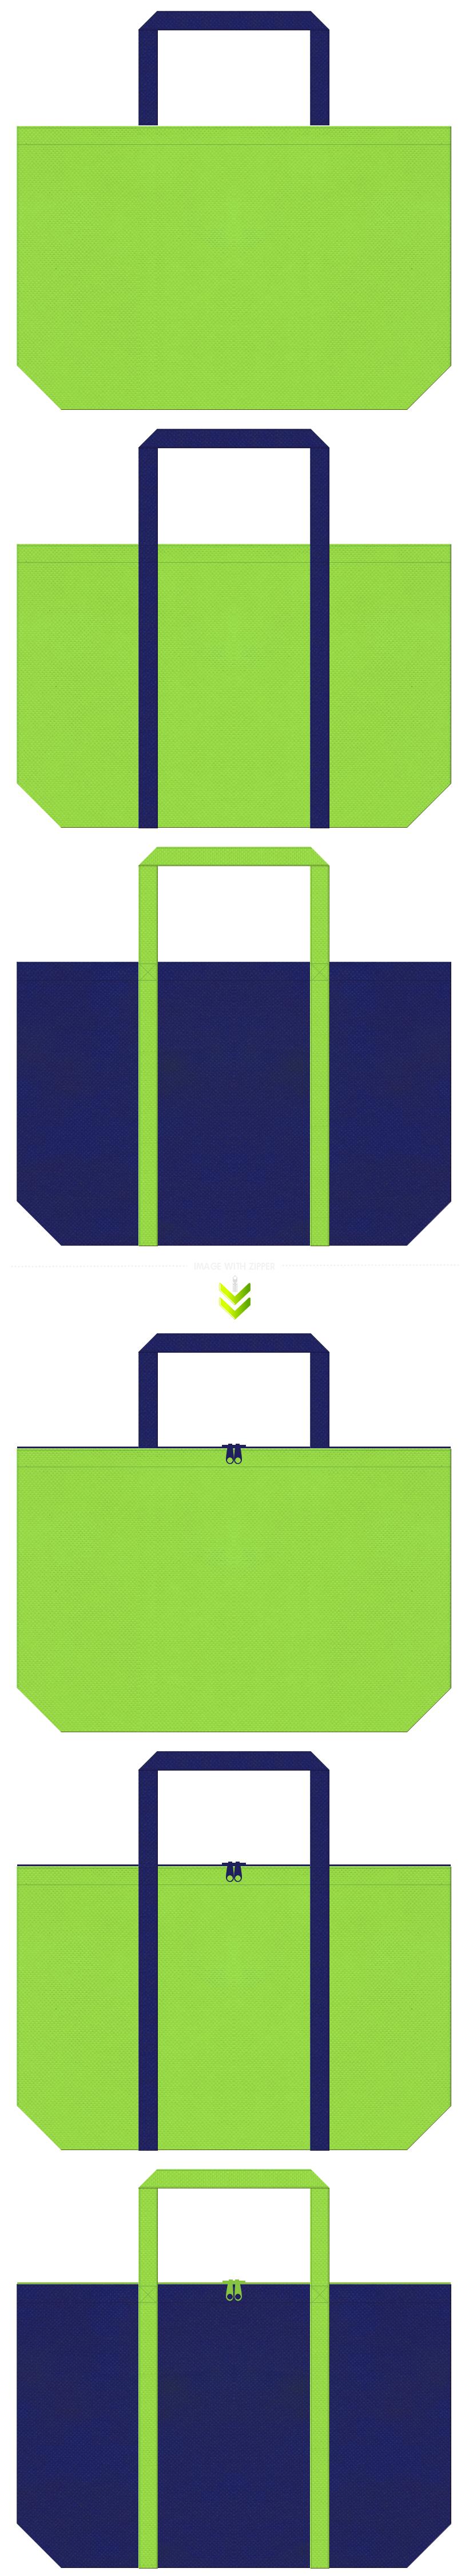 サイクリング・釣具・ユニフォーム・運動靴・アウトドア・スポーツ・ランドリーバッグにお奨めの不織布バッグデザイン:黄緑色と明るい紺色のコーデ